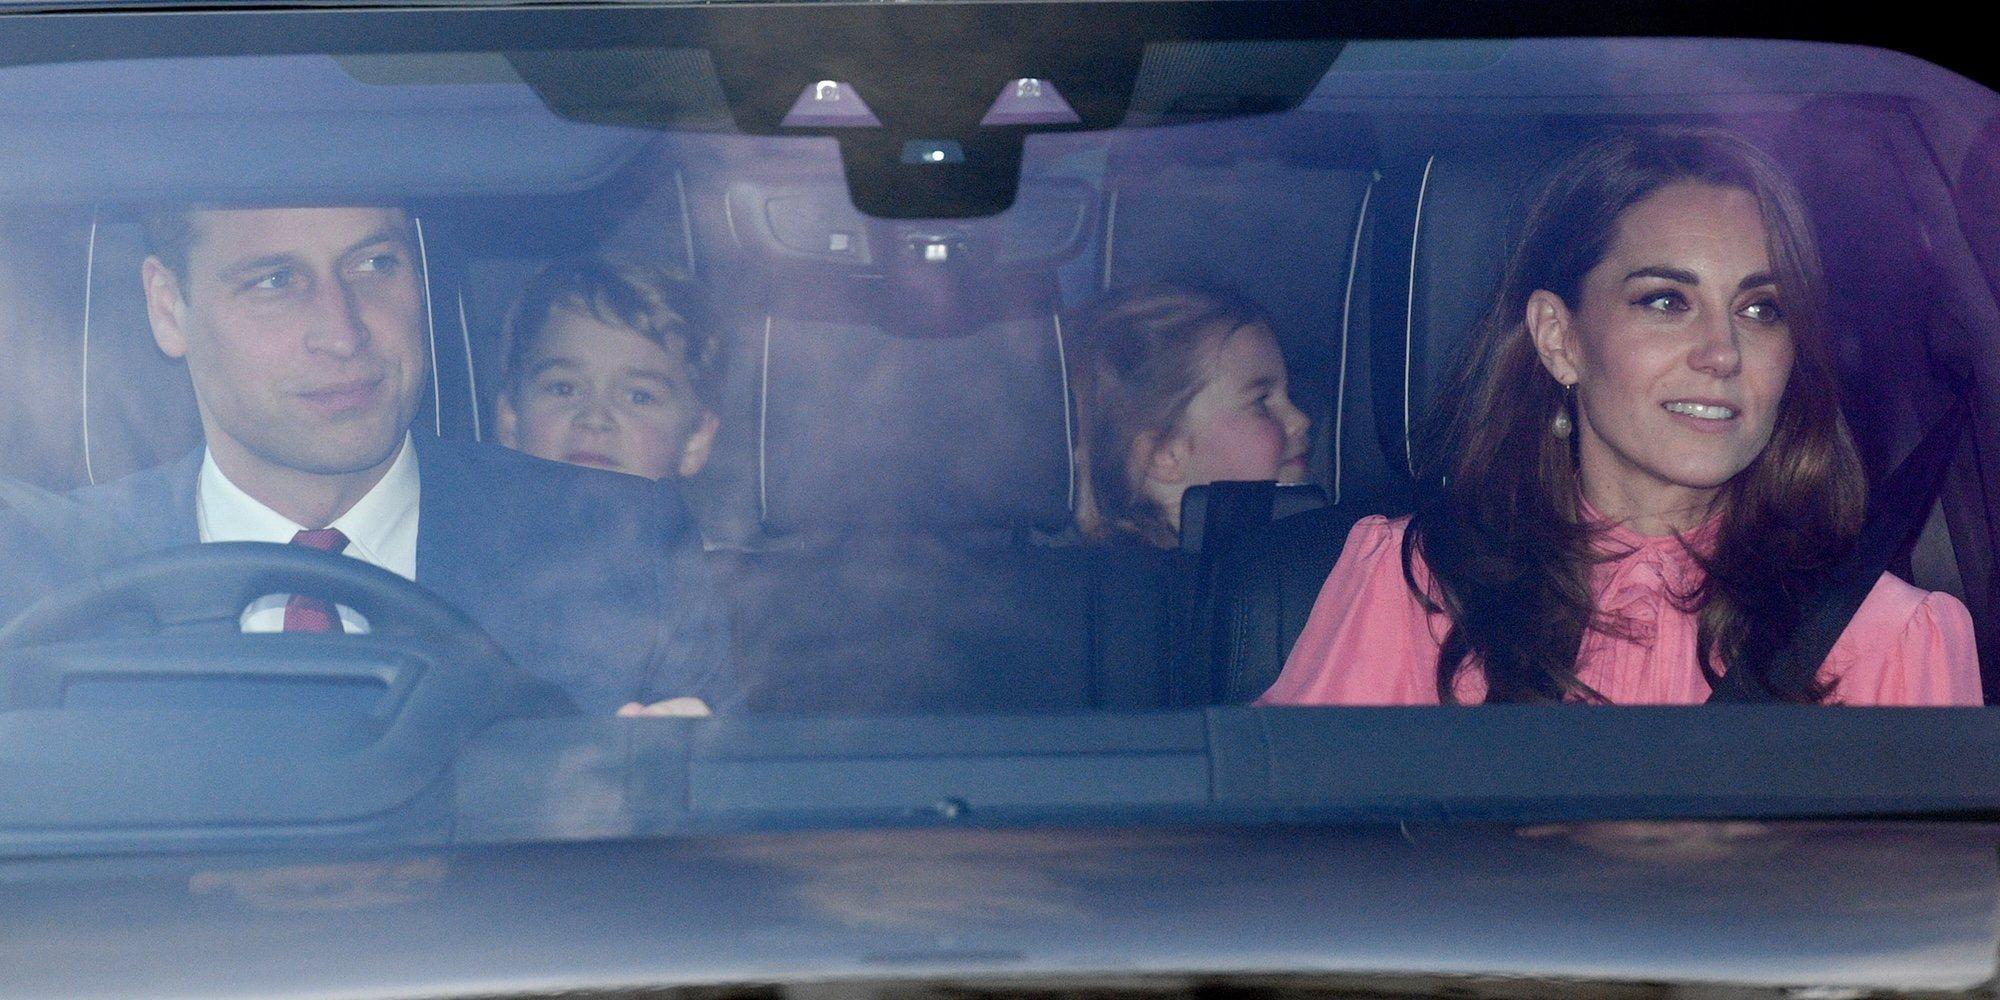 Almuerzo navideño de la Familia Real Británica: del regreso del Duque de Edimburgo a los Príncipes Jorge y Carlota